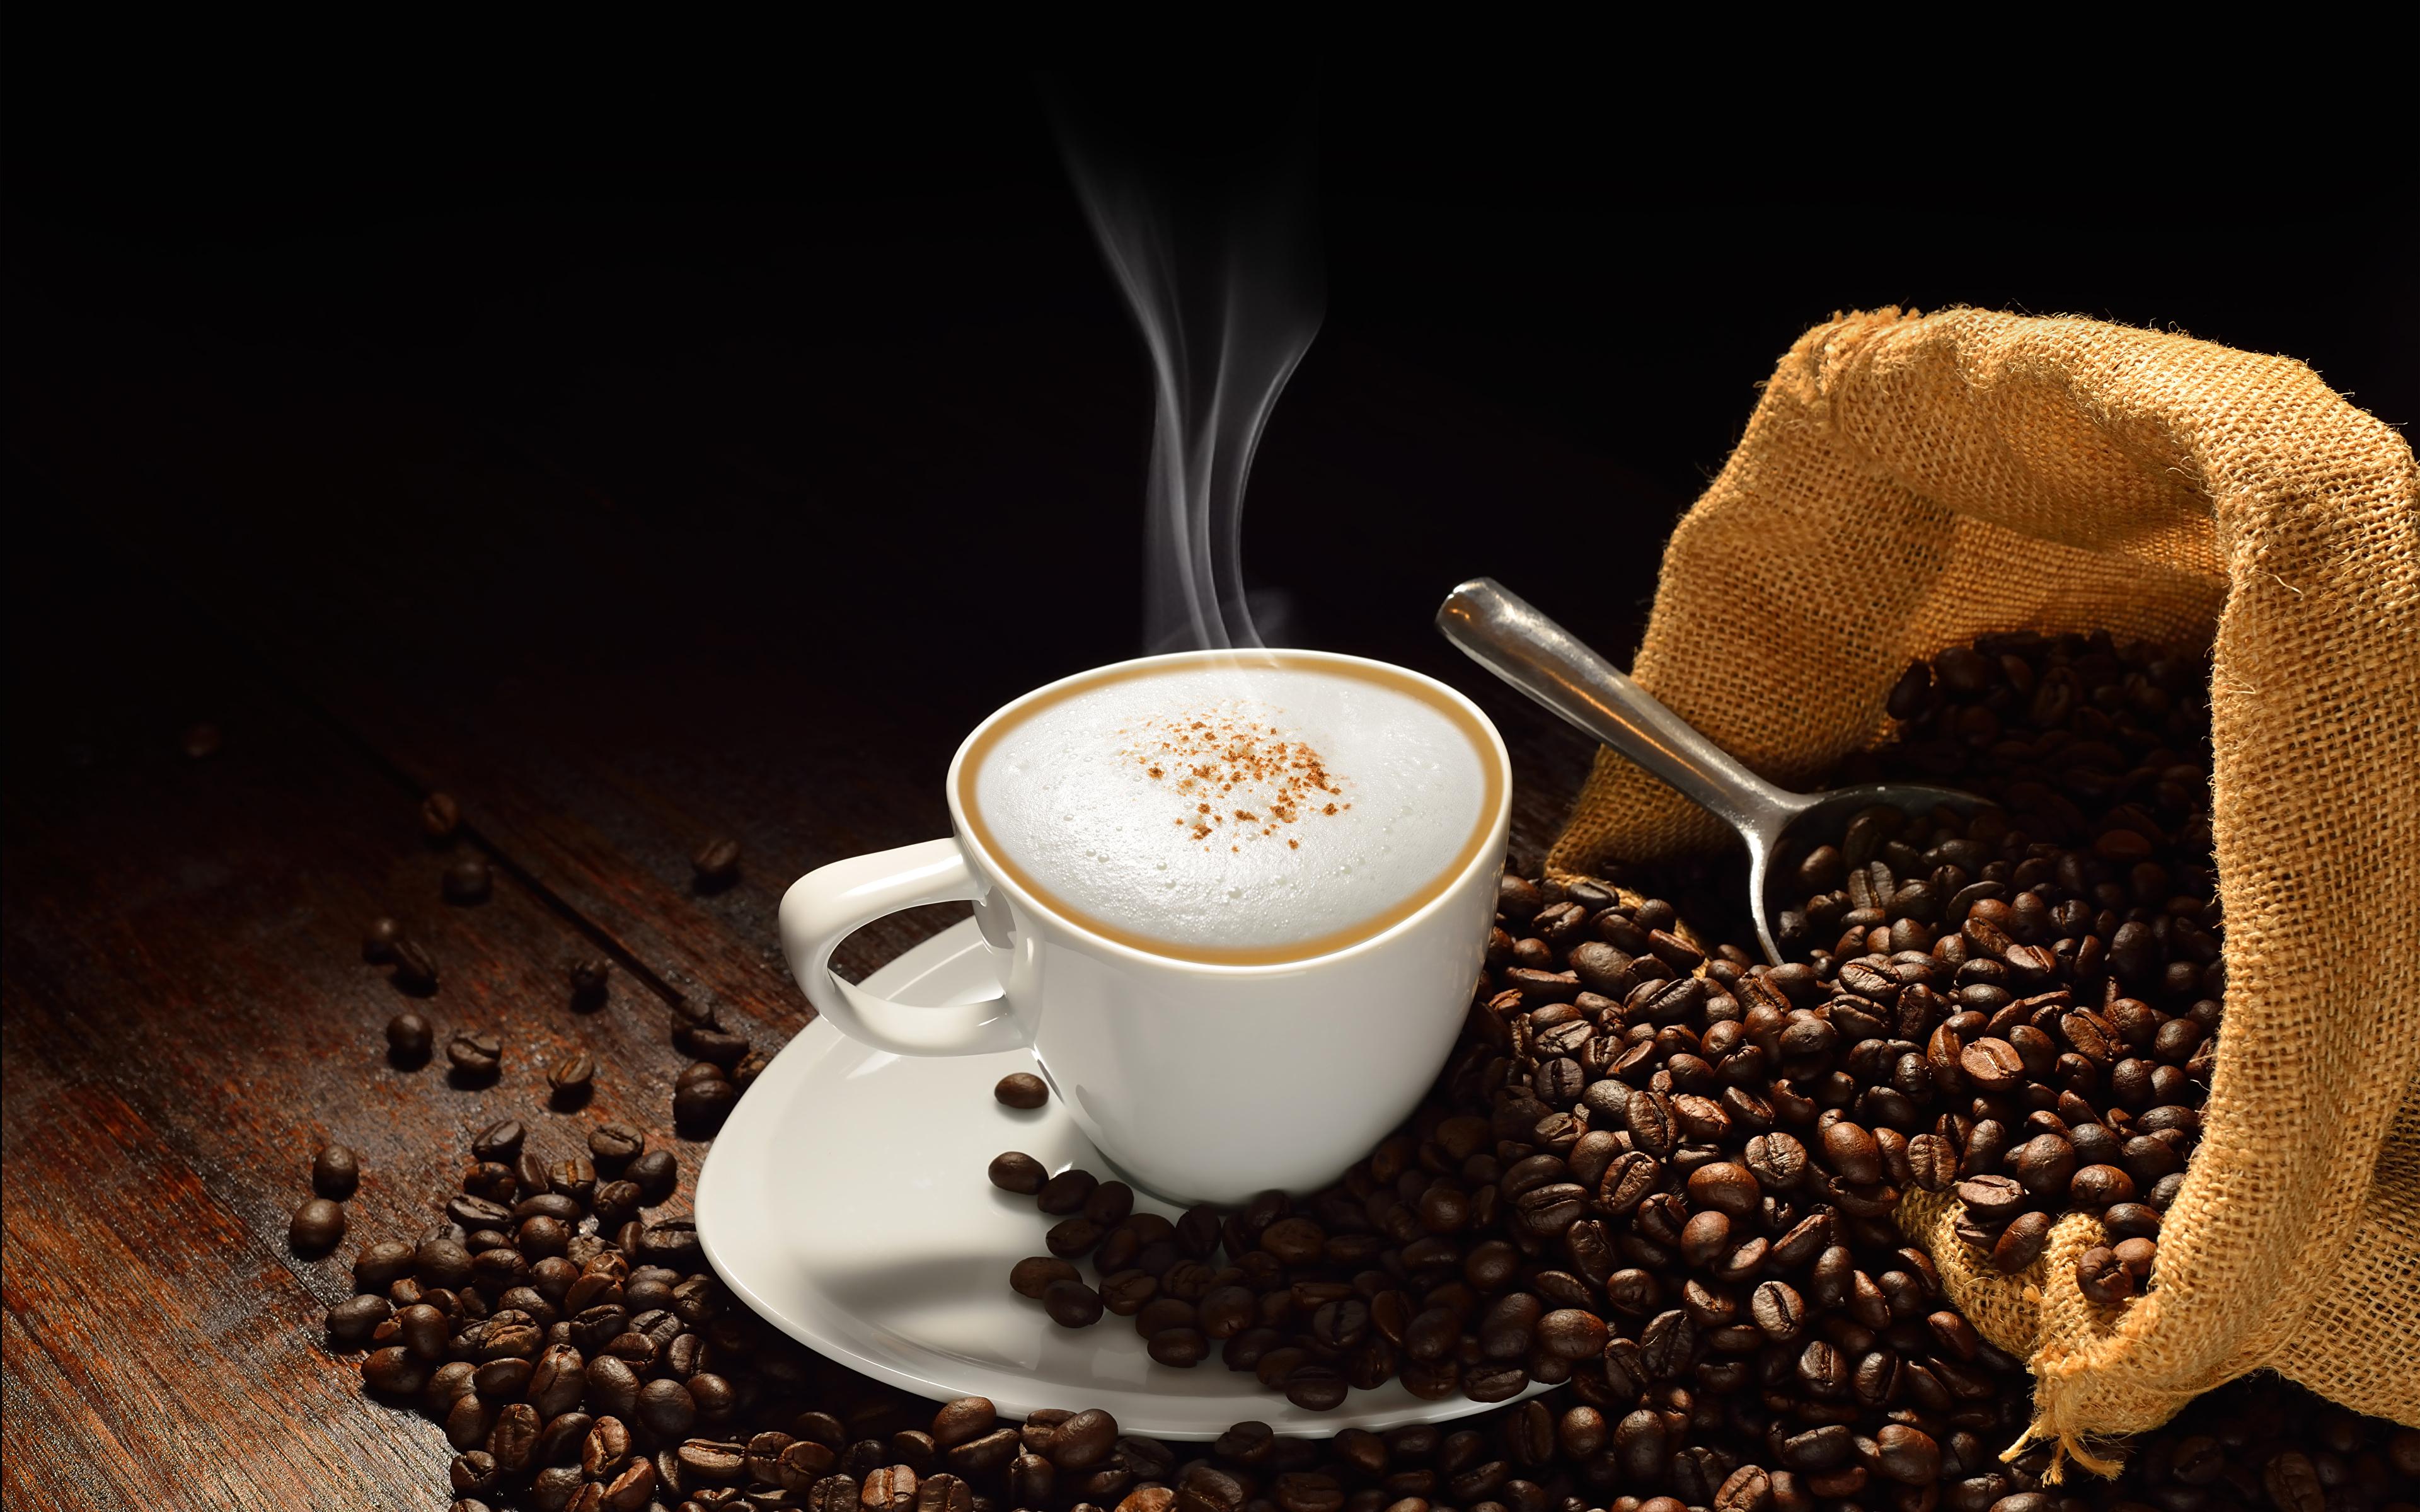 Чашка кофе с зернами  № 2153083 бесплатно